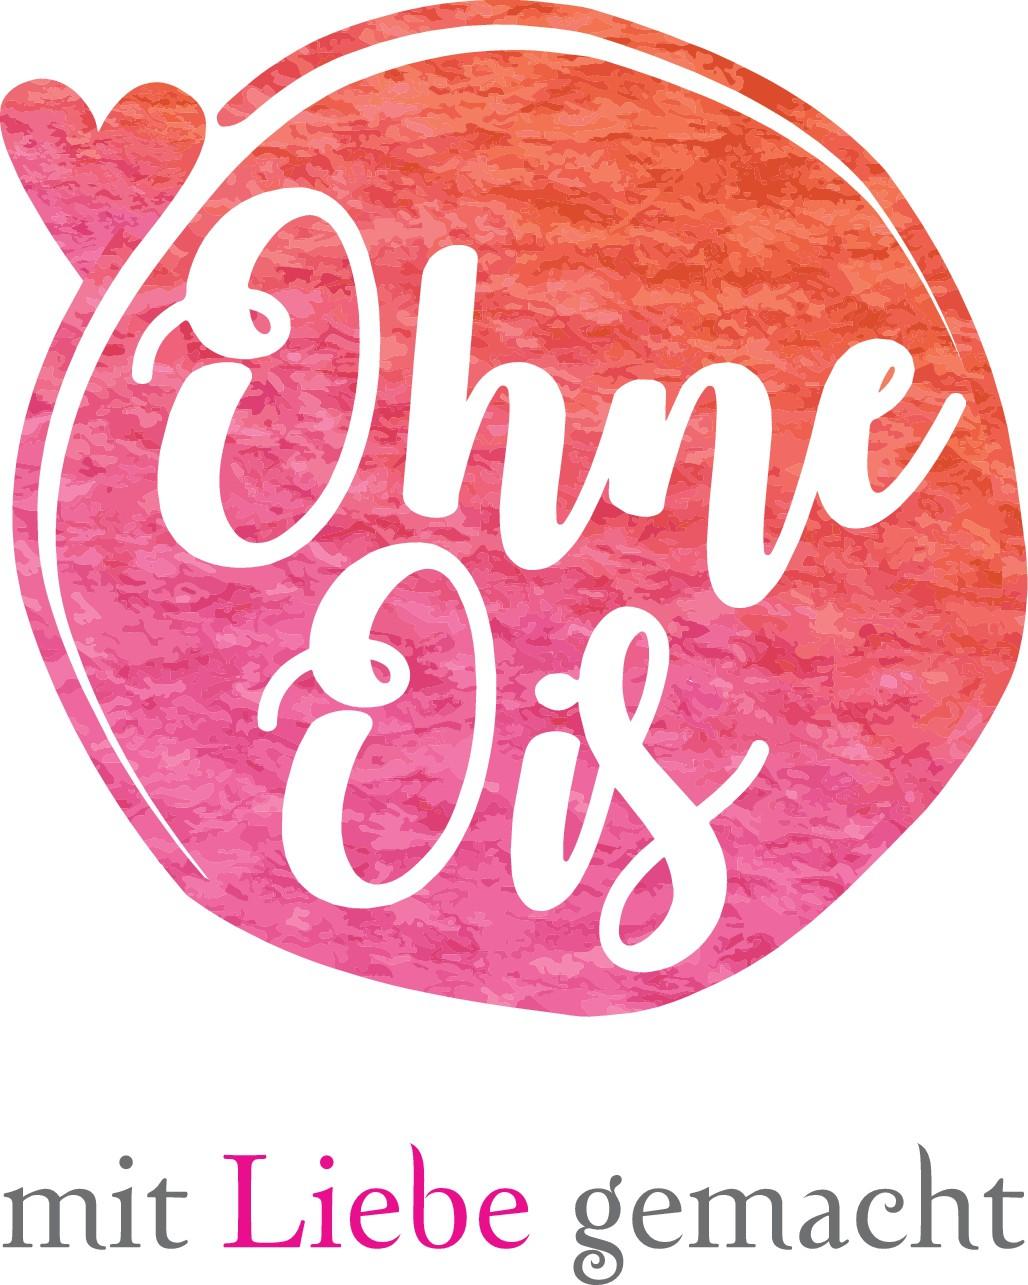 Ohne Ois sucht Logo mit Charme !